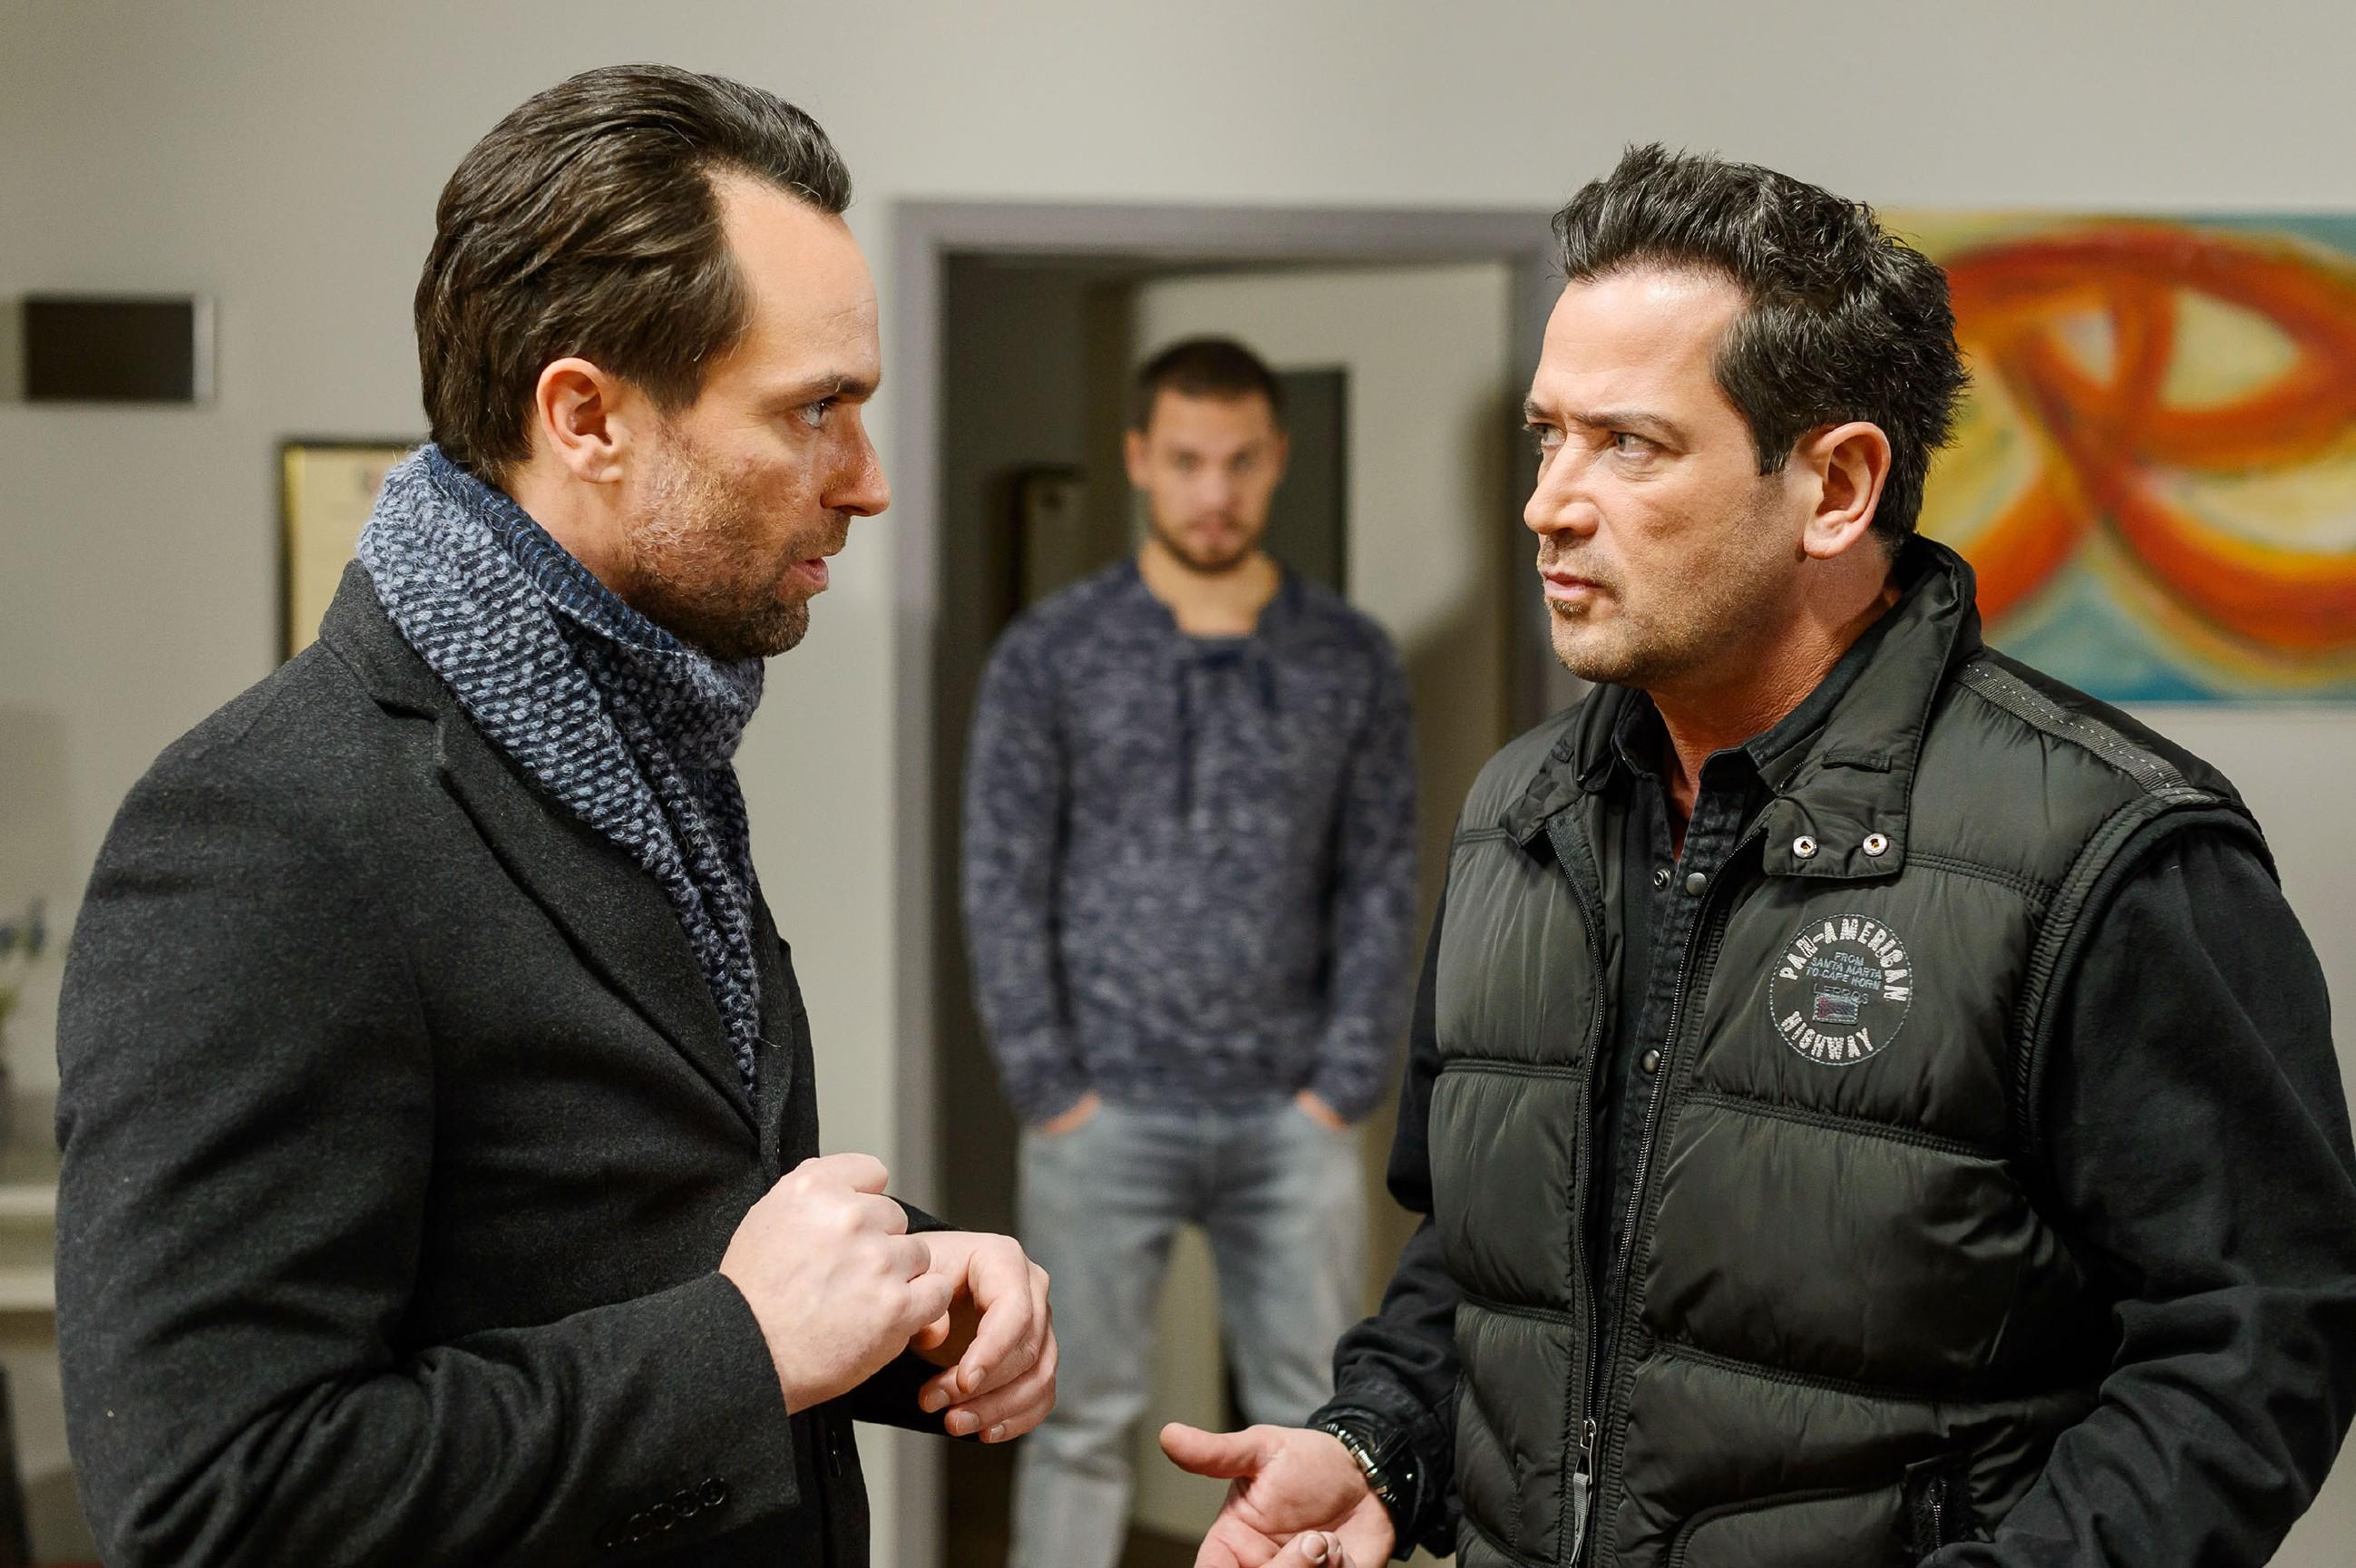 Da Marian (Sam Eisenstein, r.) befürchtet hat, dass es Thomas (Daniel Brockhaus, l.) nicht gut geht, ist er mit Gewalt in dessen Wohnung eingebrochen und traut seinen Augen kaum, als er dort auf Leo (Julian Bayer) trifft. (Quelle: RTL / Willi Weber)